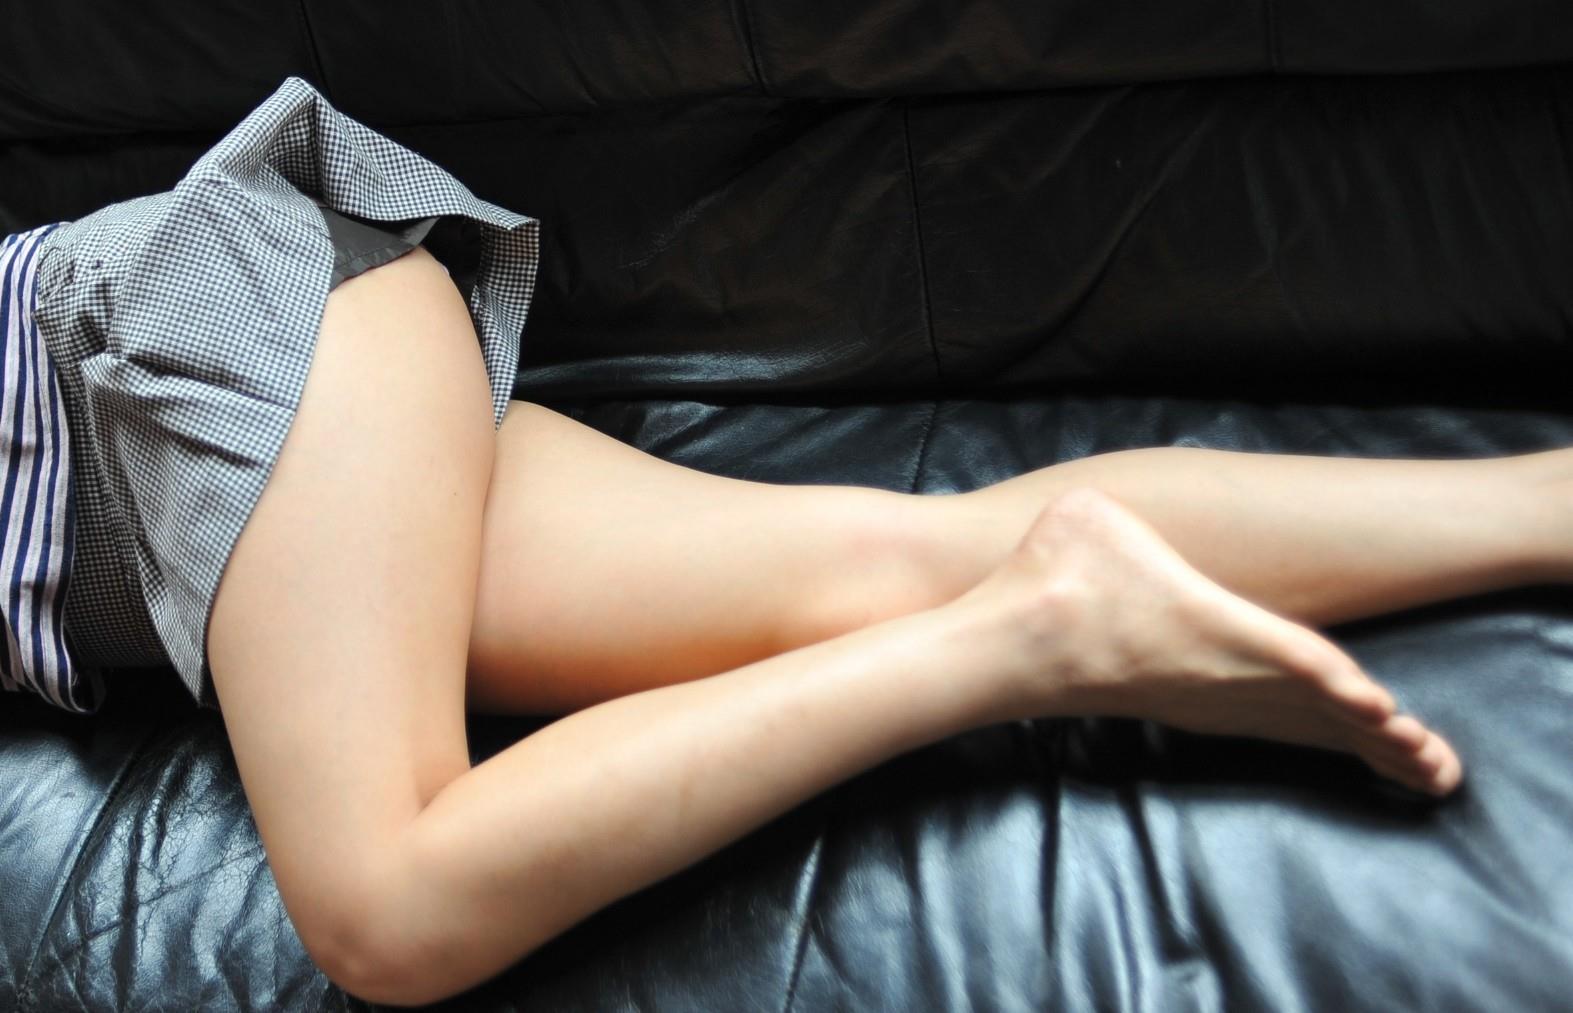 太ももフェチ専用の美脚女子のエロ画像35枚・2枚目の画像